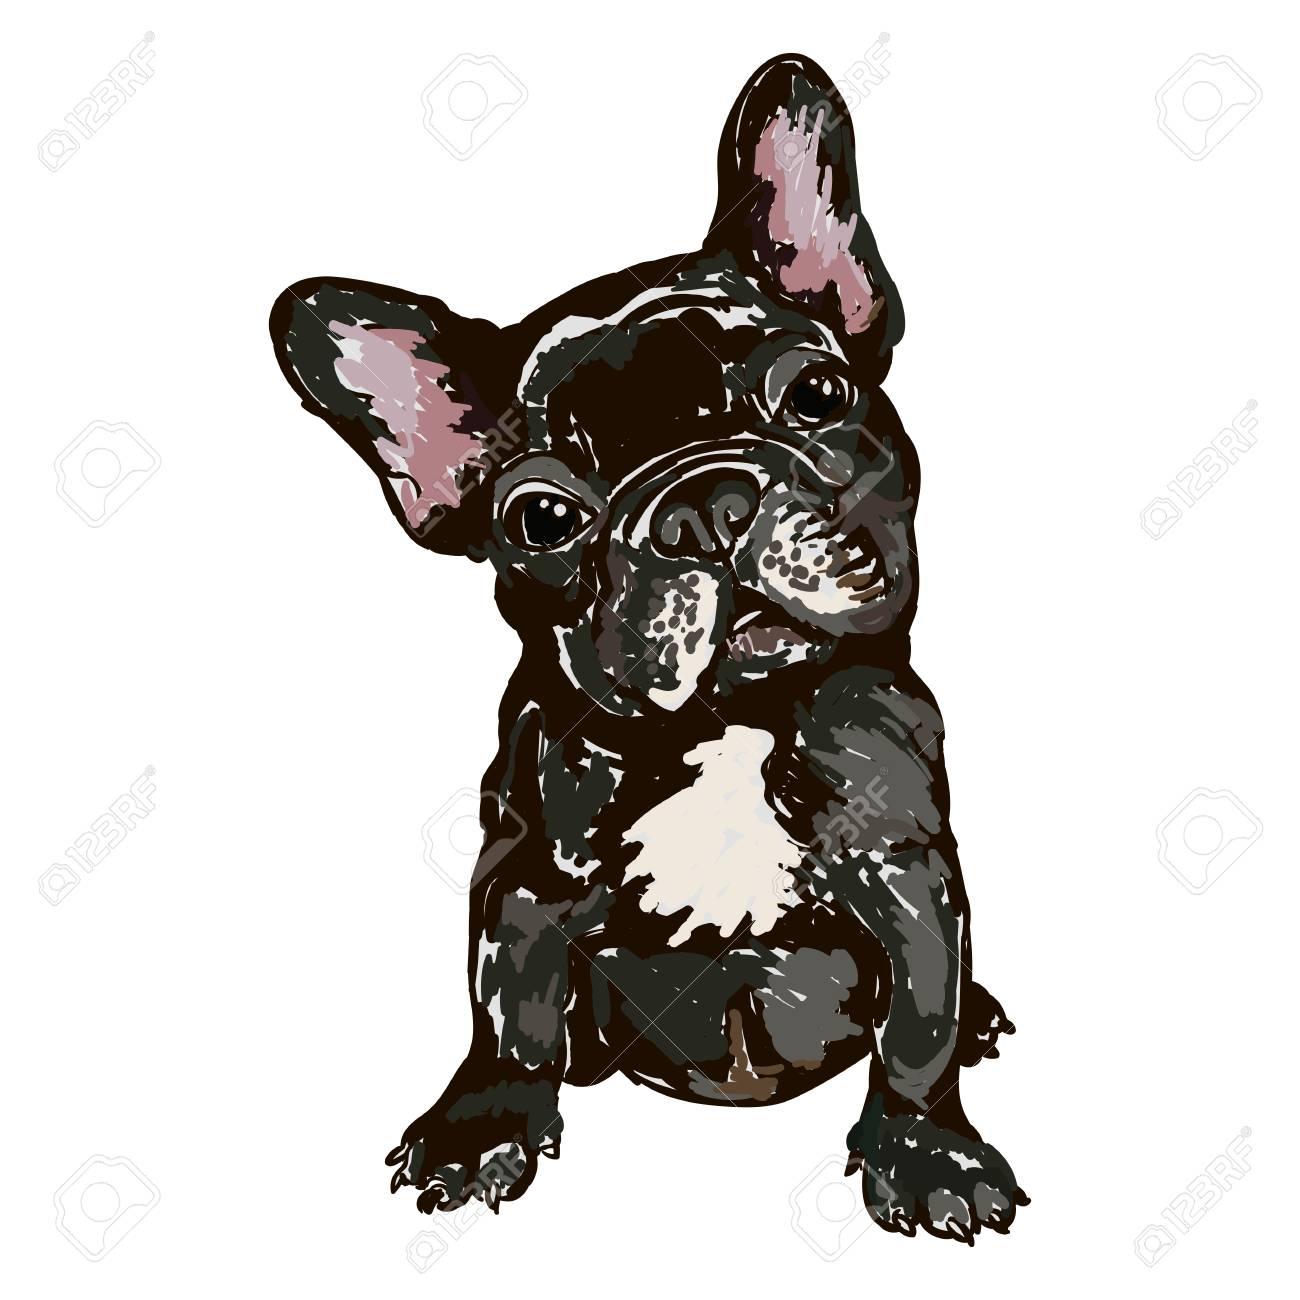 犬種フレンチ ブルドッグのイラストのイラスト素材ベクタ Image